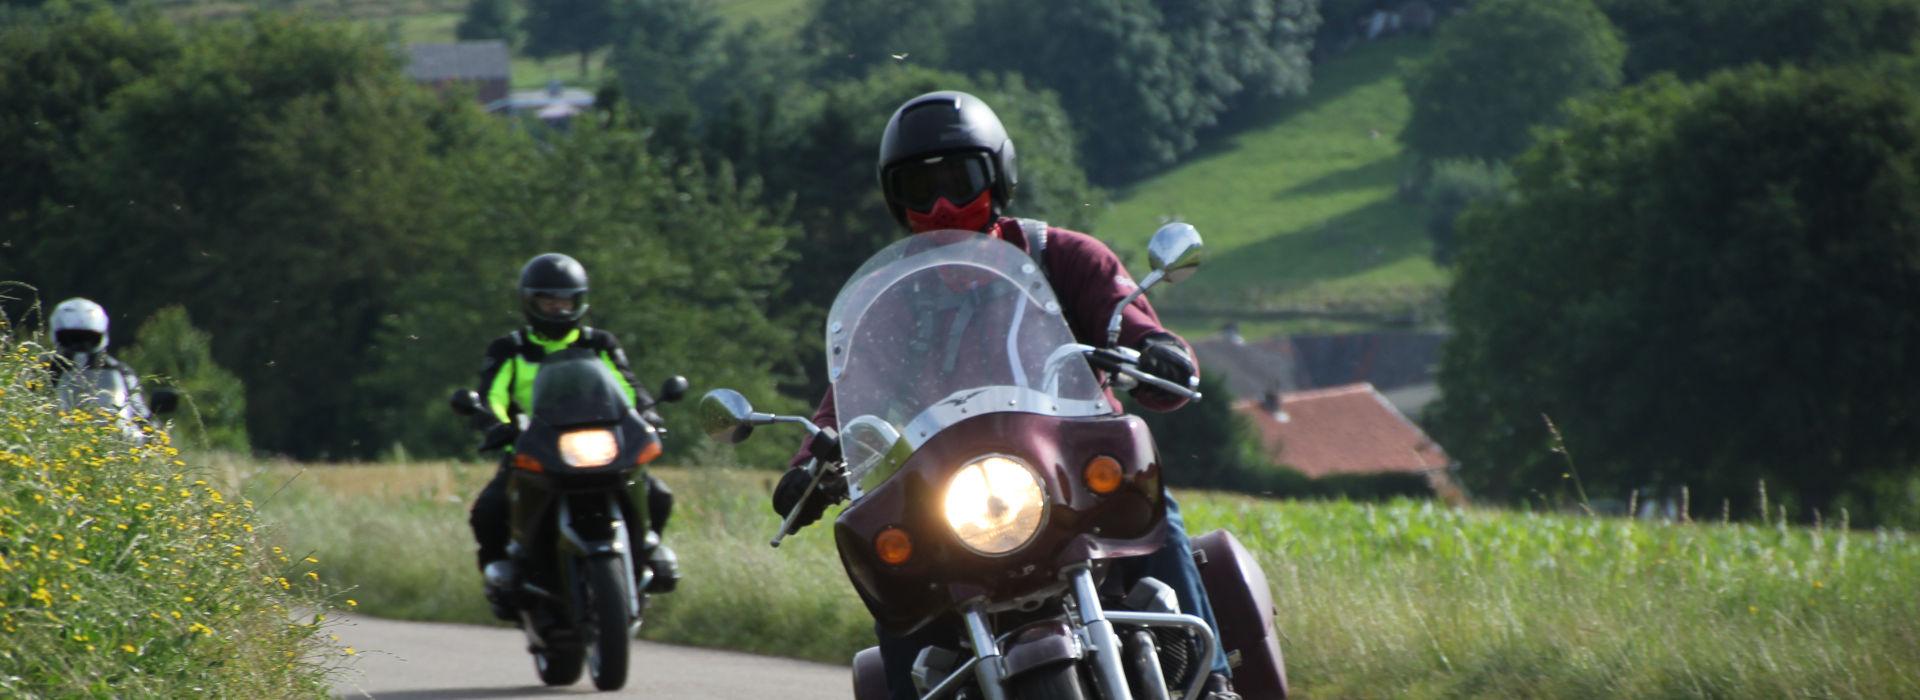 Motorrijbewijspoint Utrecht motorrijlessen